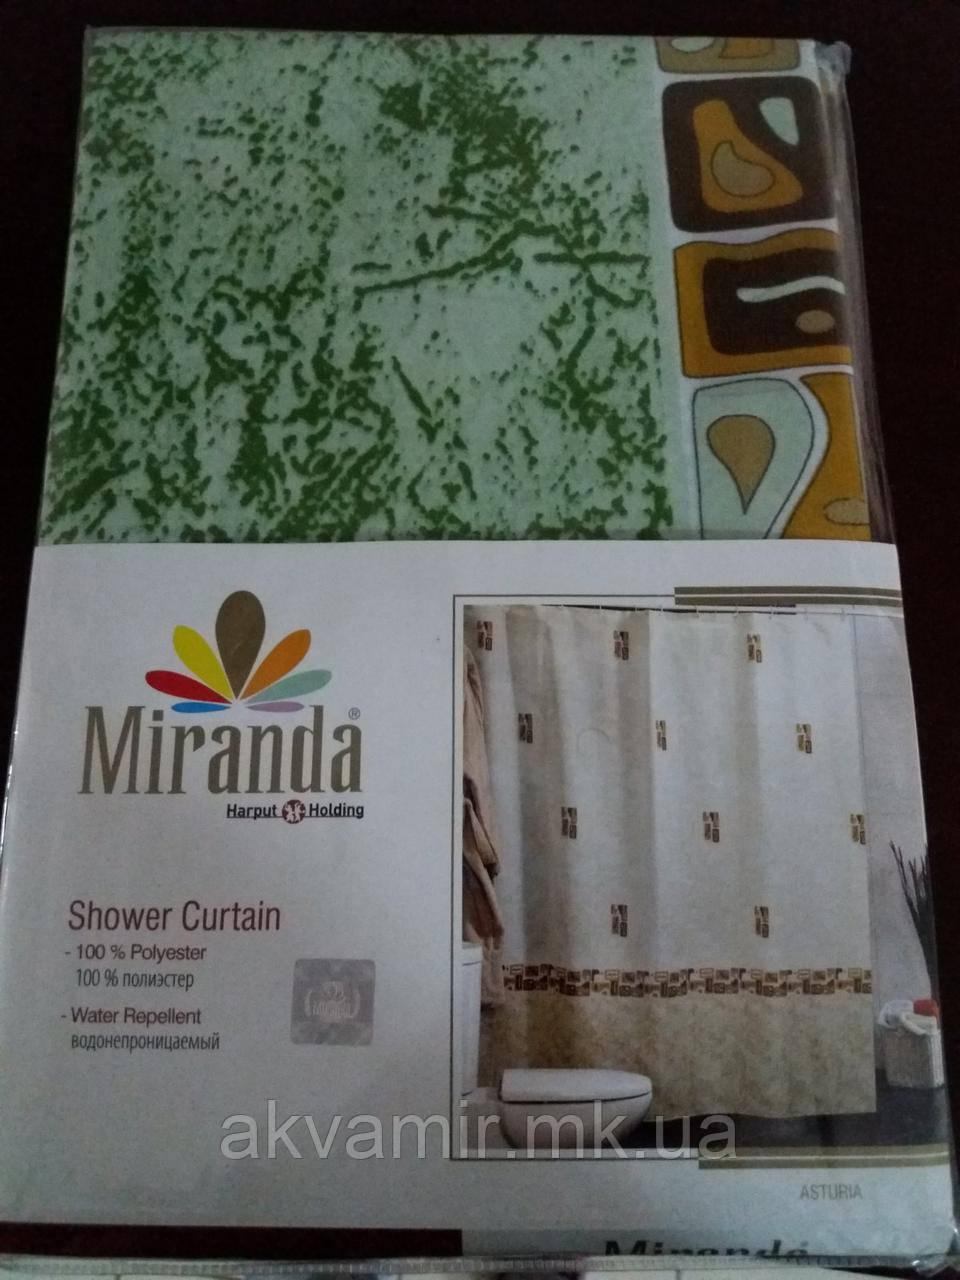 Штора в ванную  Miranda ASTURIA (Турция) 180х200 см зеленая